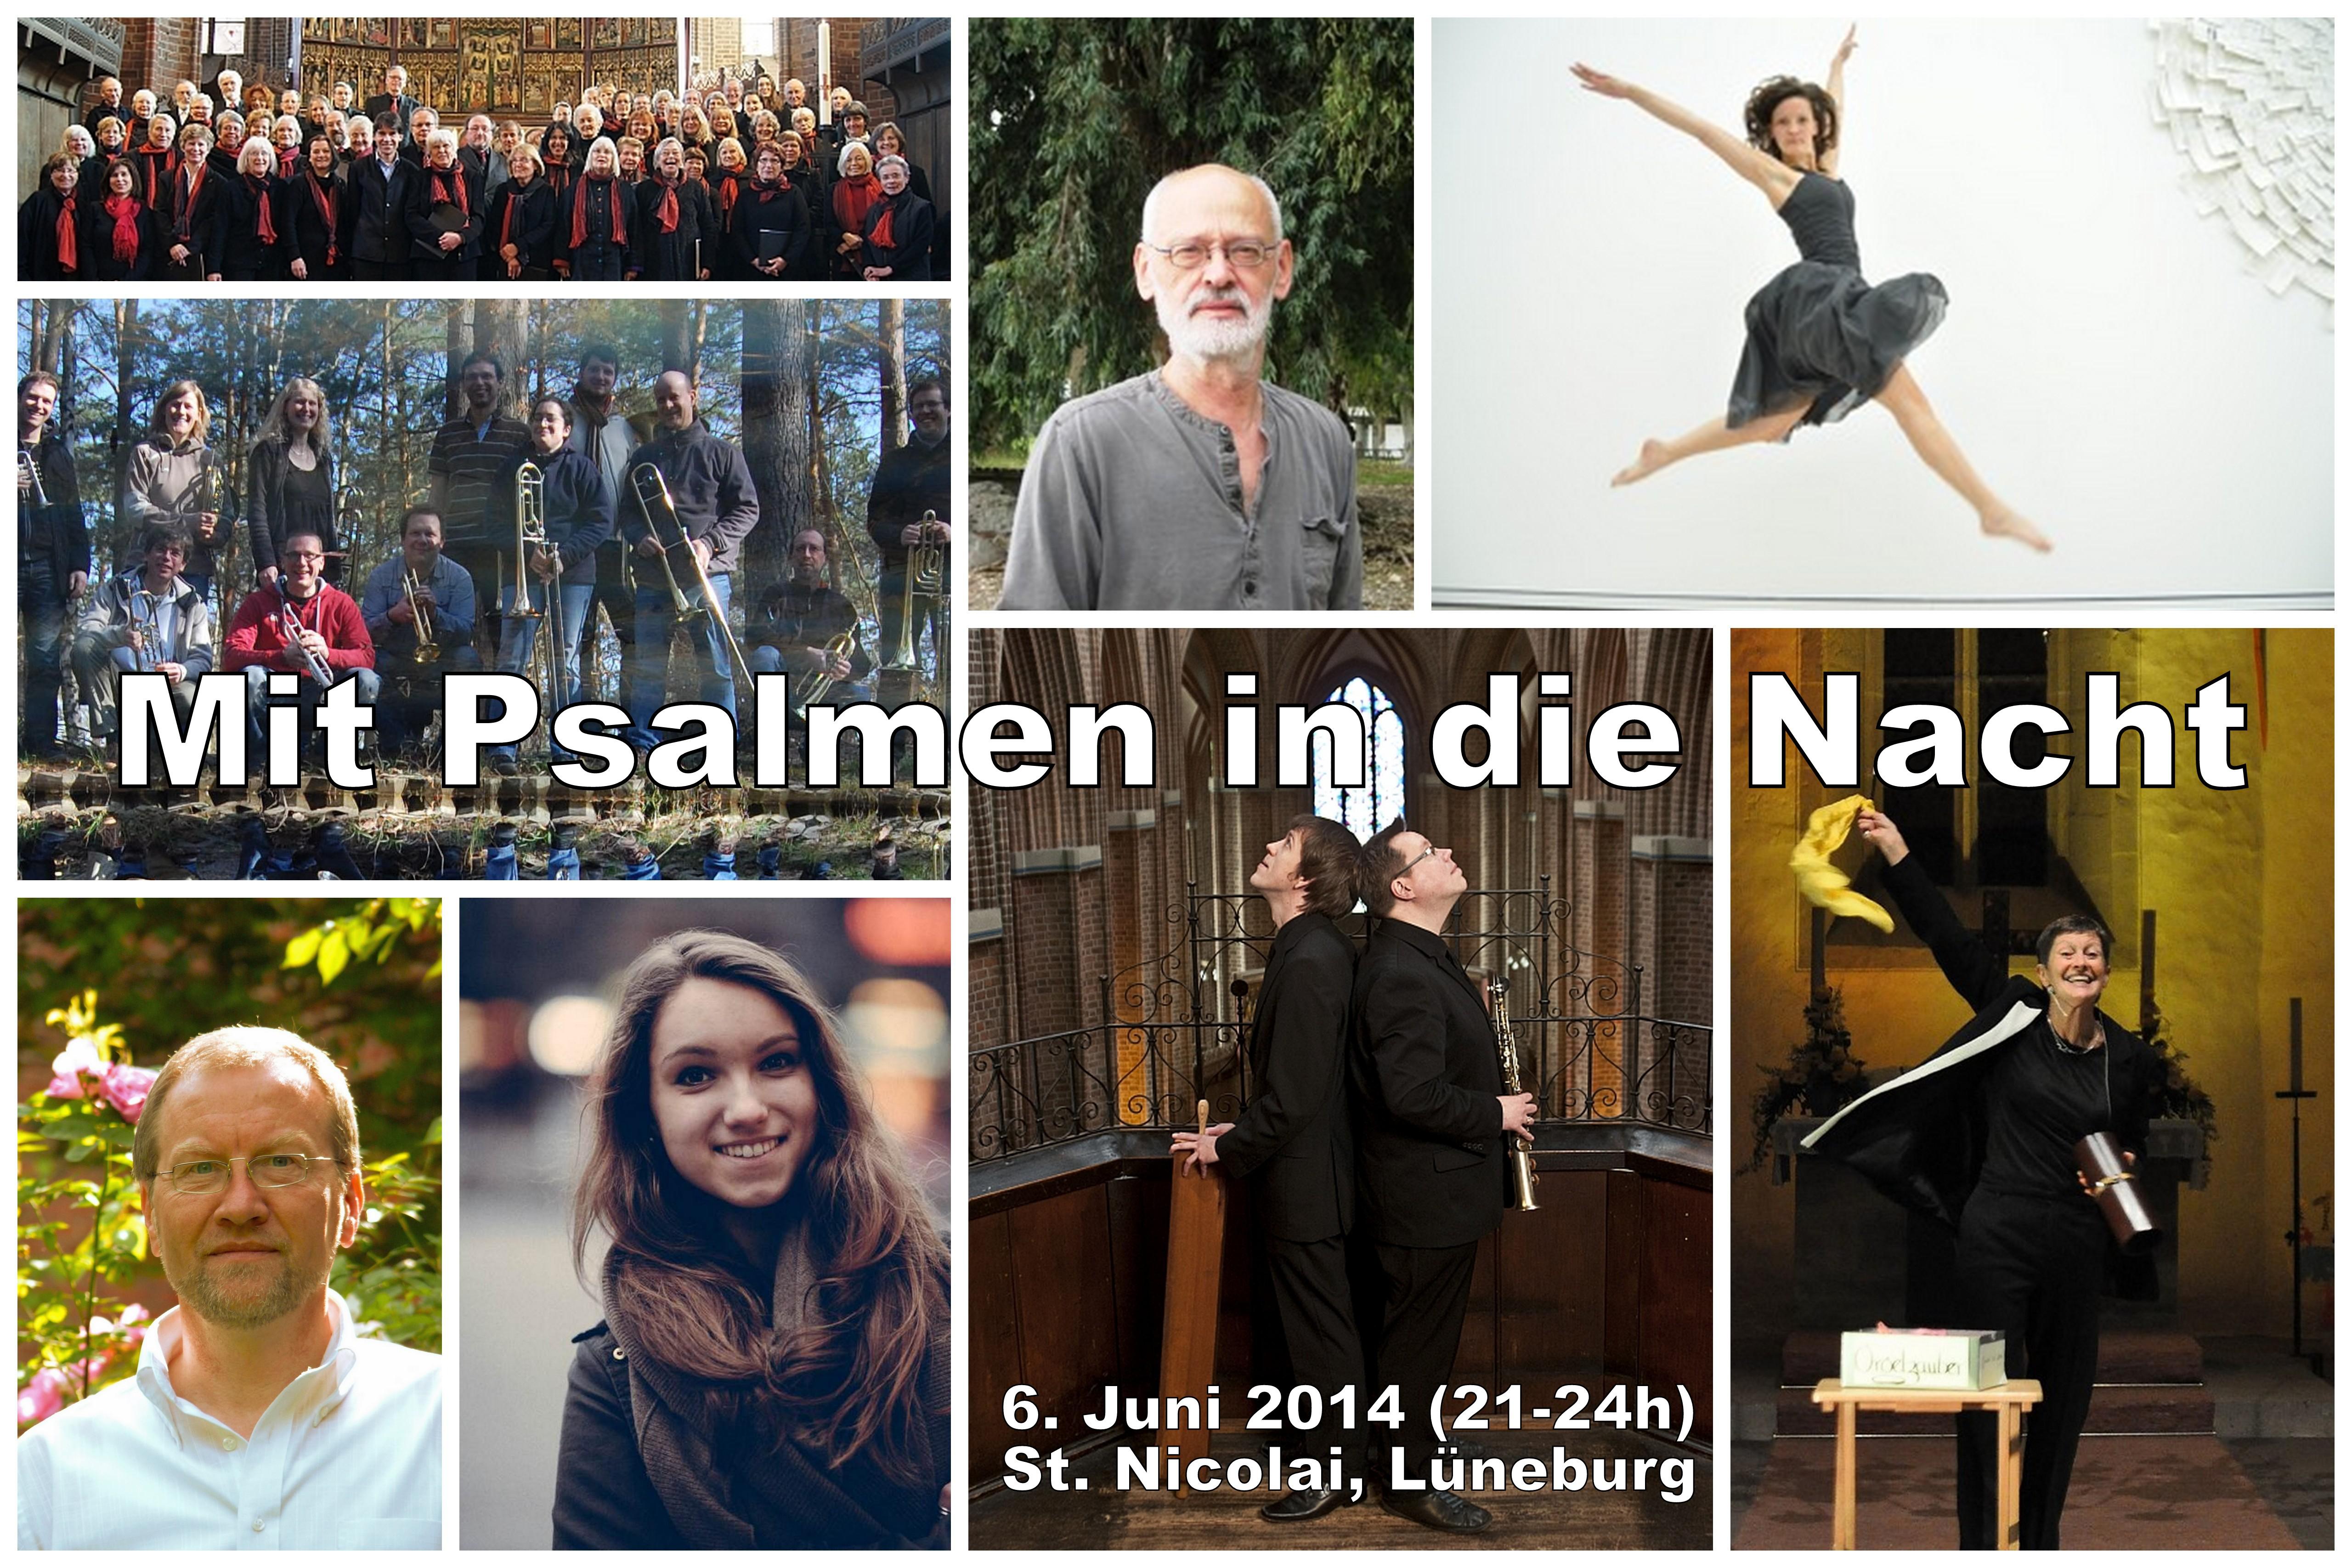 6. Juni, 21 Uhr bis Mitternacht – Psalmnacht in St. Nicolai, Lüneburg